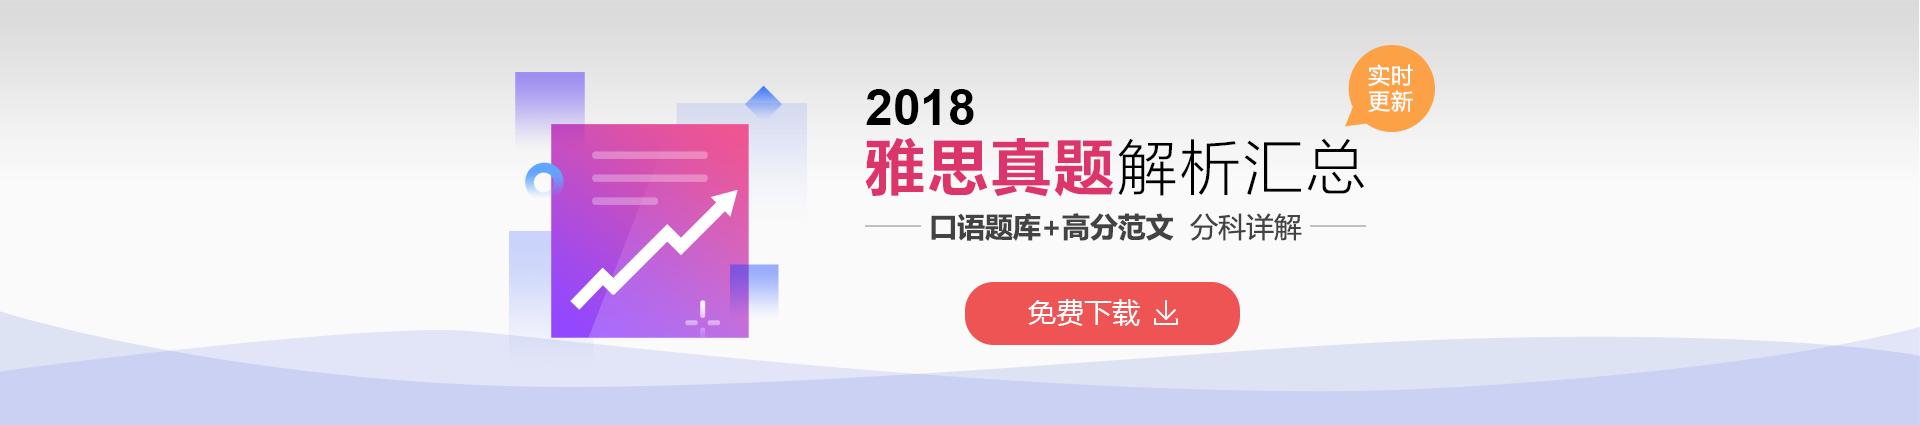 2018雅思真题解析